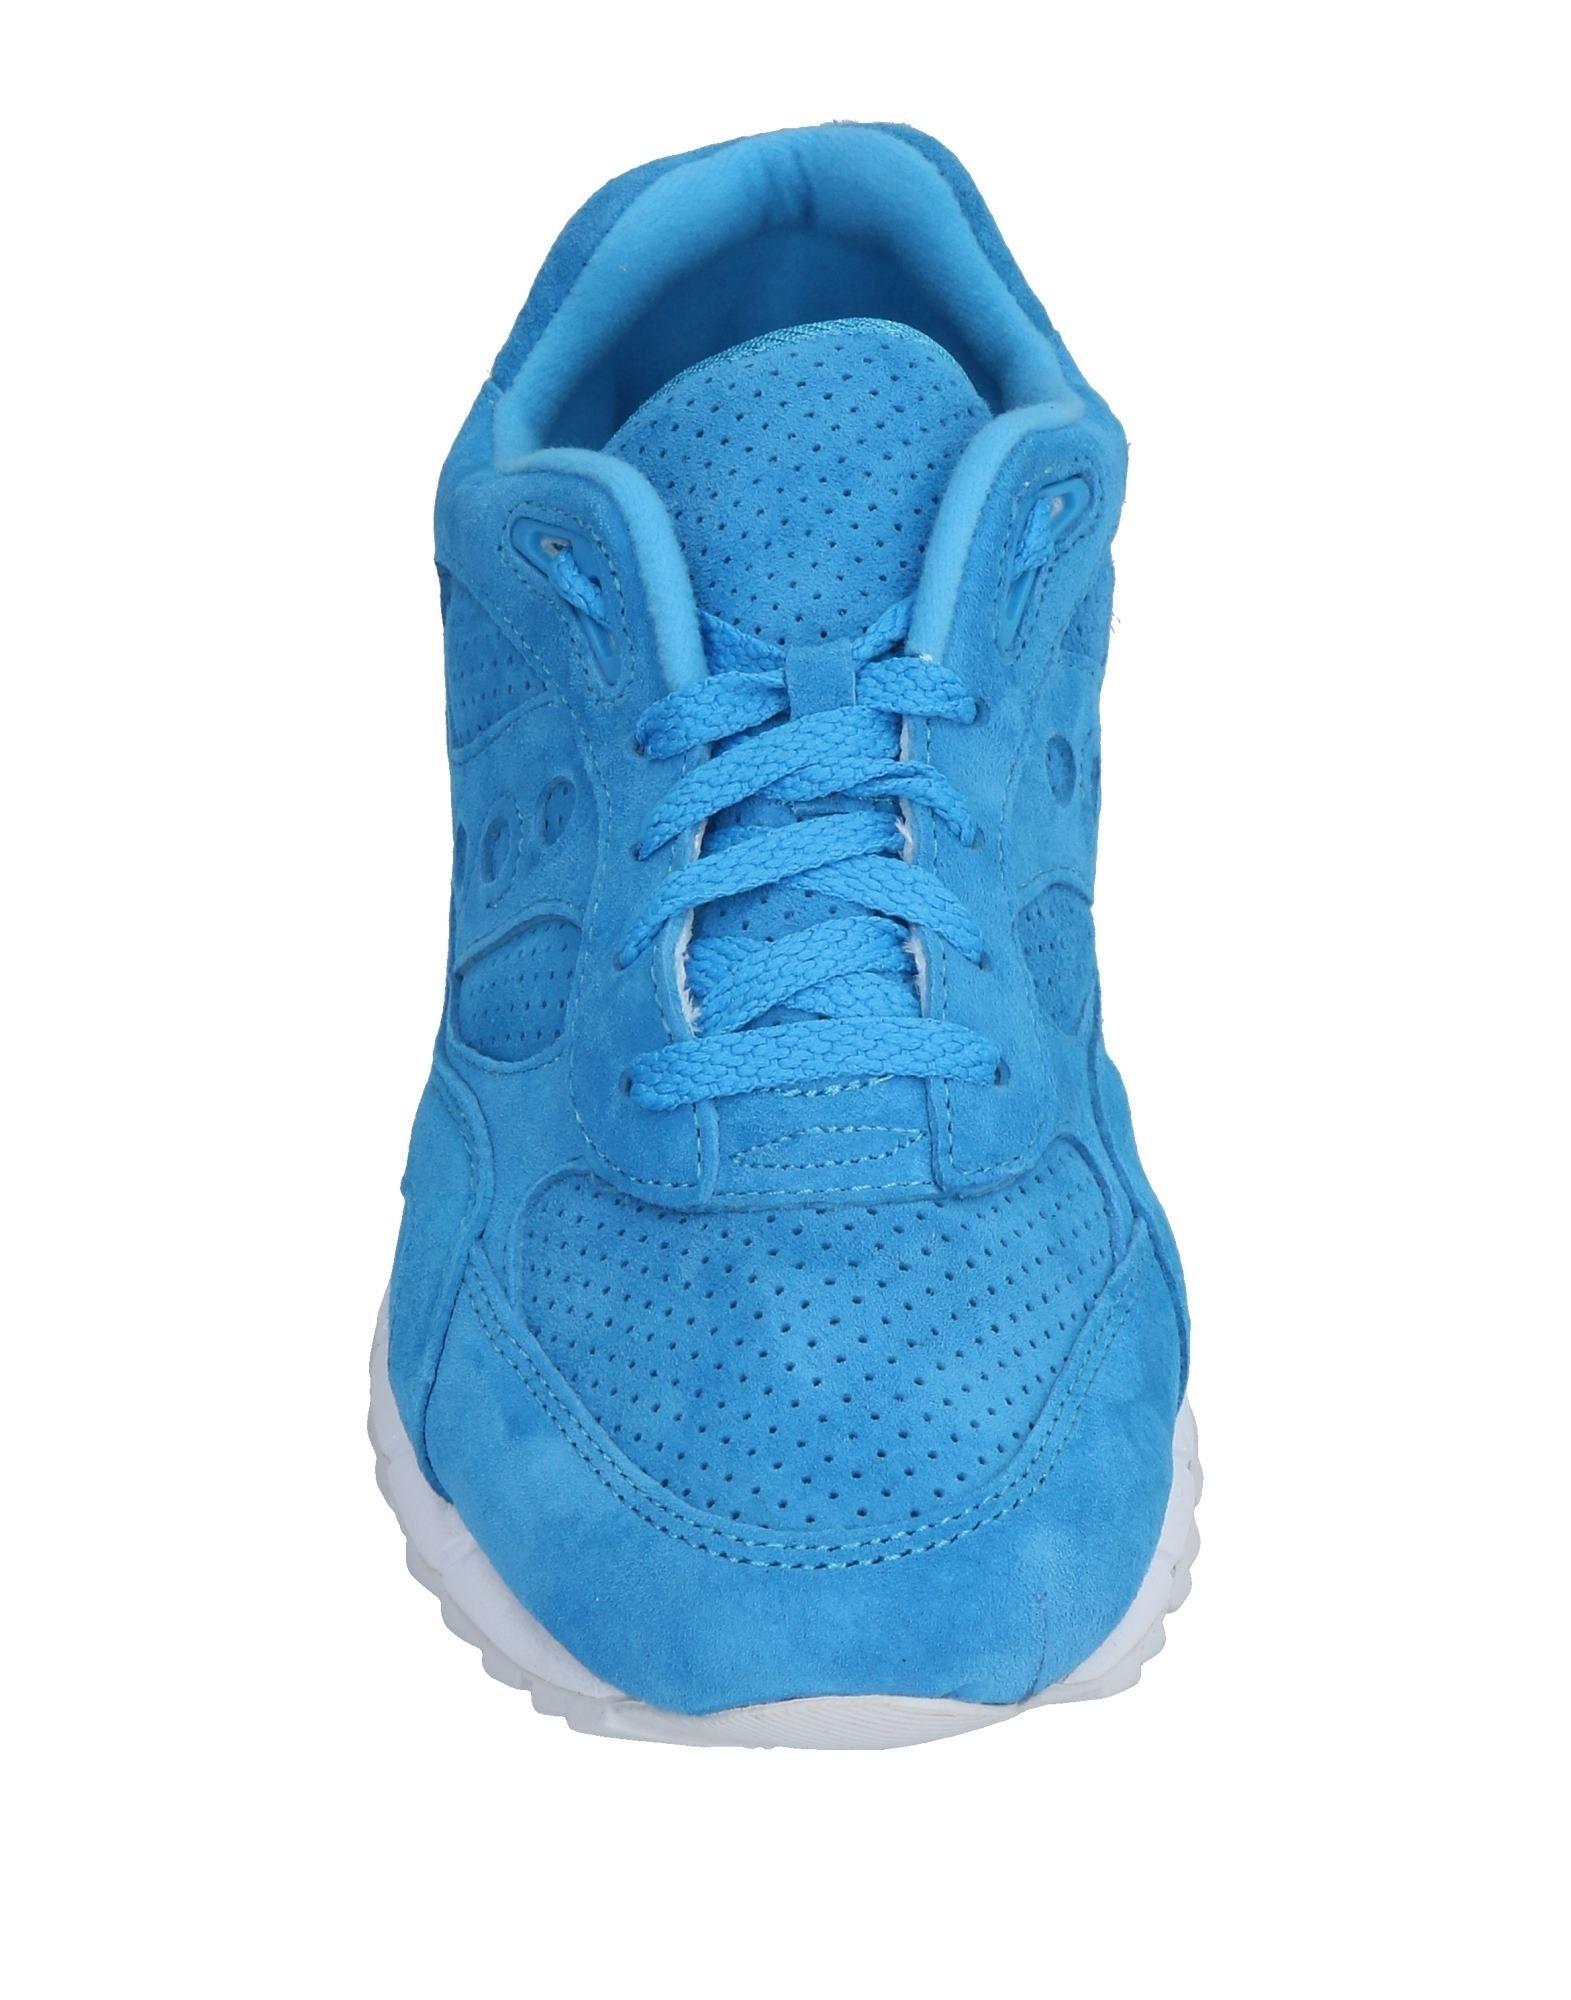 Saucony Sneakers Herren Heiße  11467293RG Heiße Herren Schuhe f8b345